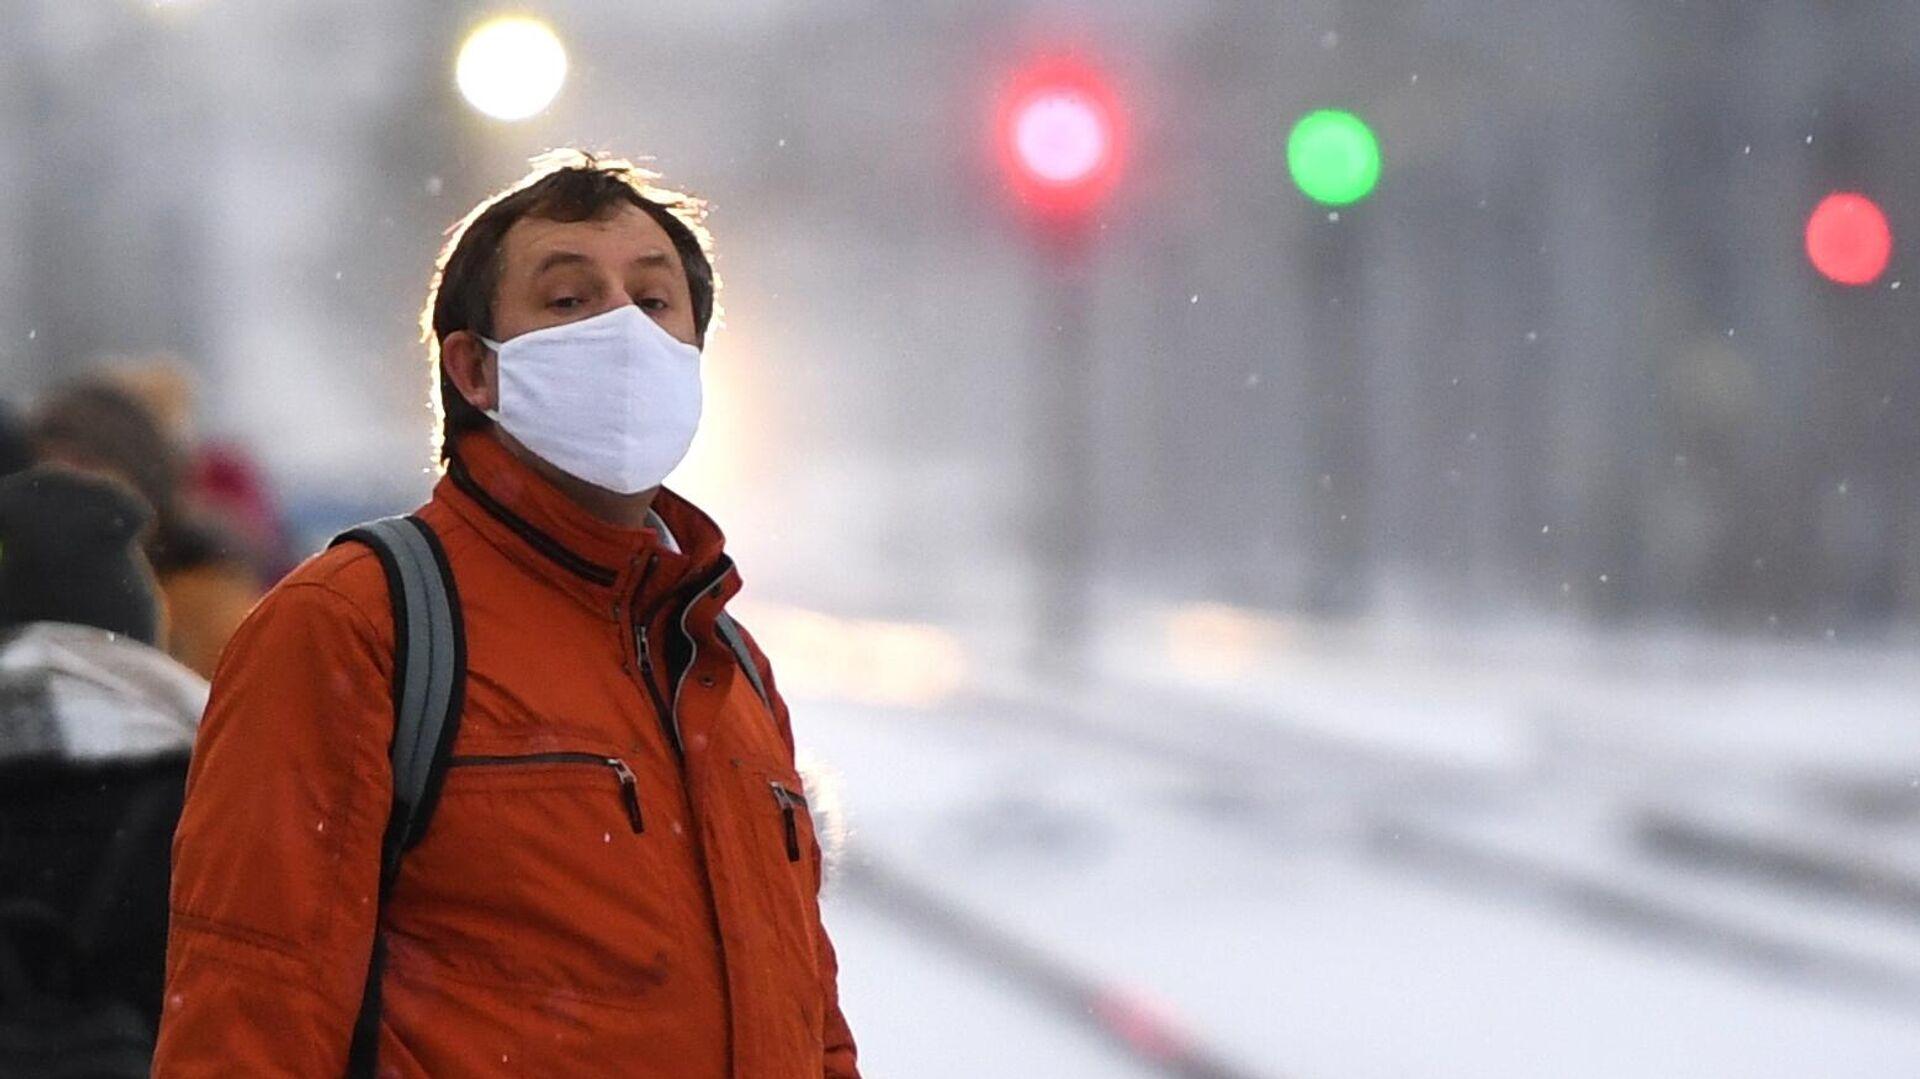 Мужчина в медицинской маске на железнодорожной станции Сеятель в Новосибирске - РИА Новости, 1920, 02.11.2020